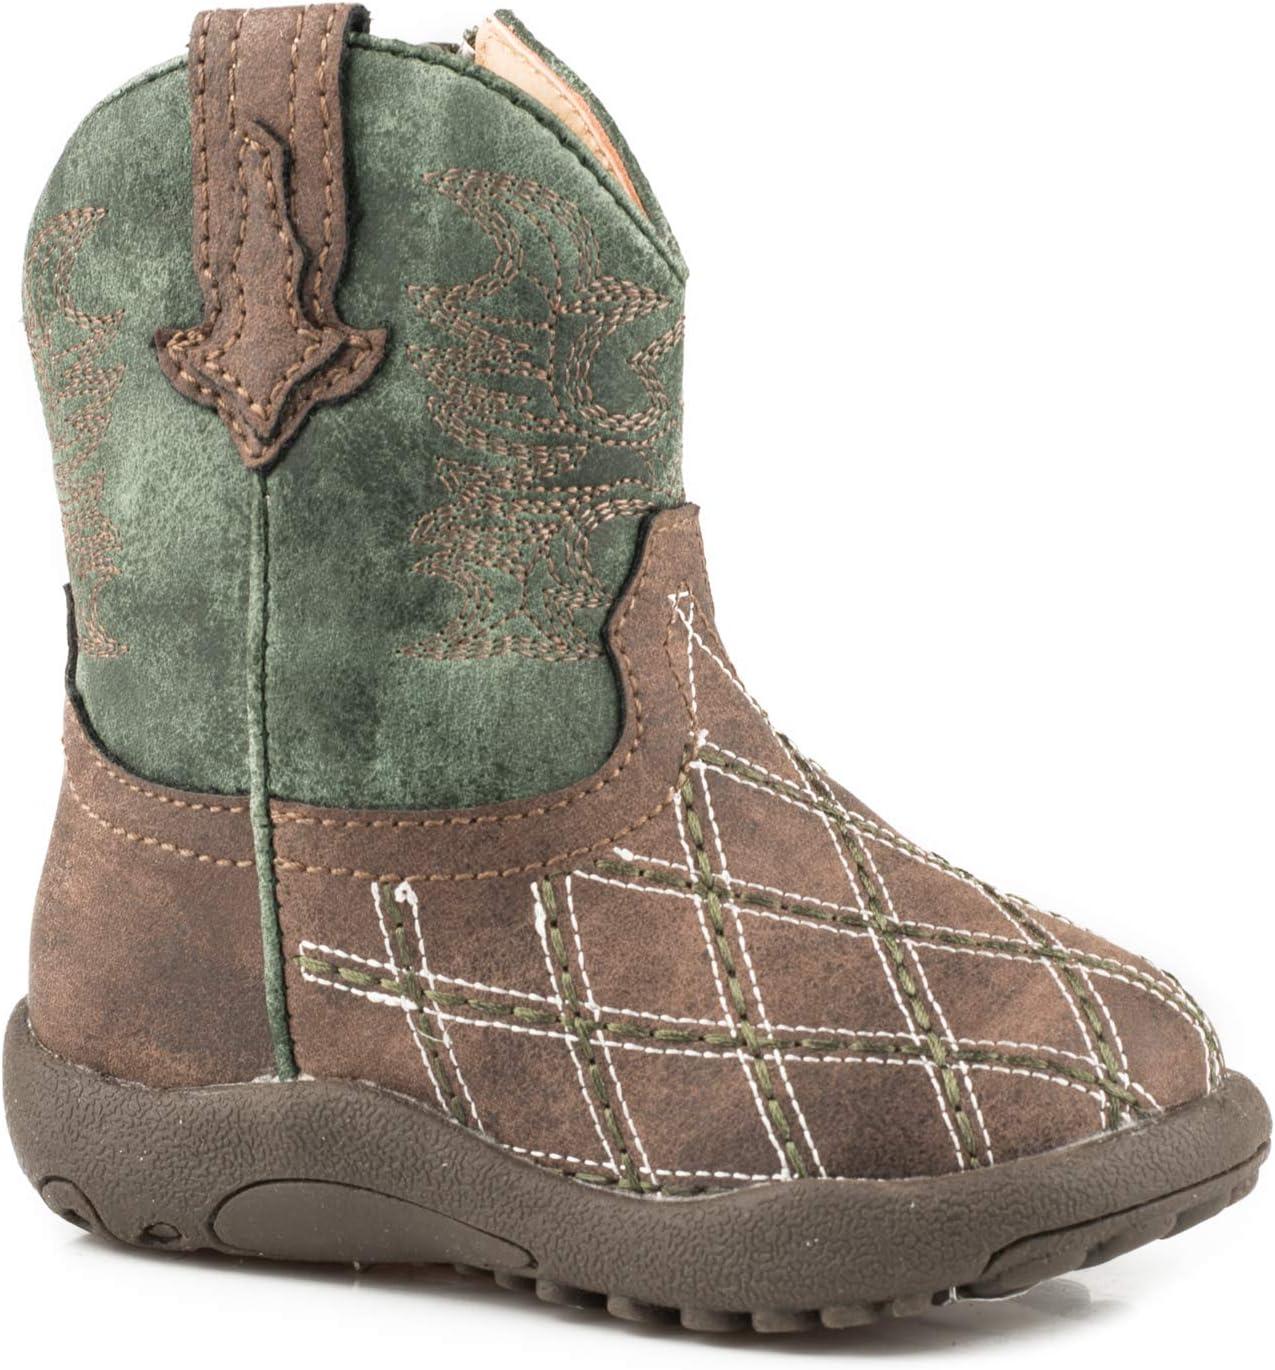 ROPER 売り出し Cowbabies Cross Cut 贈物 Green Boots 1